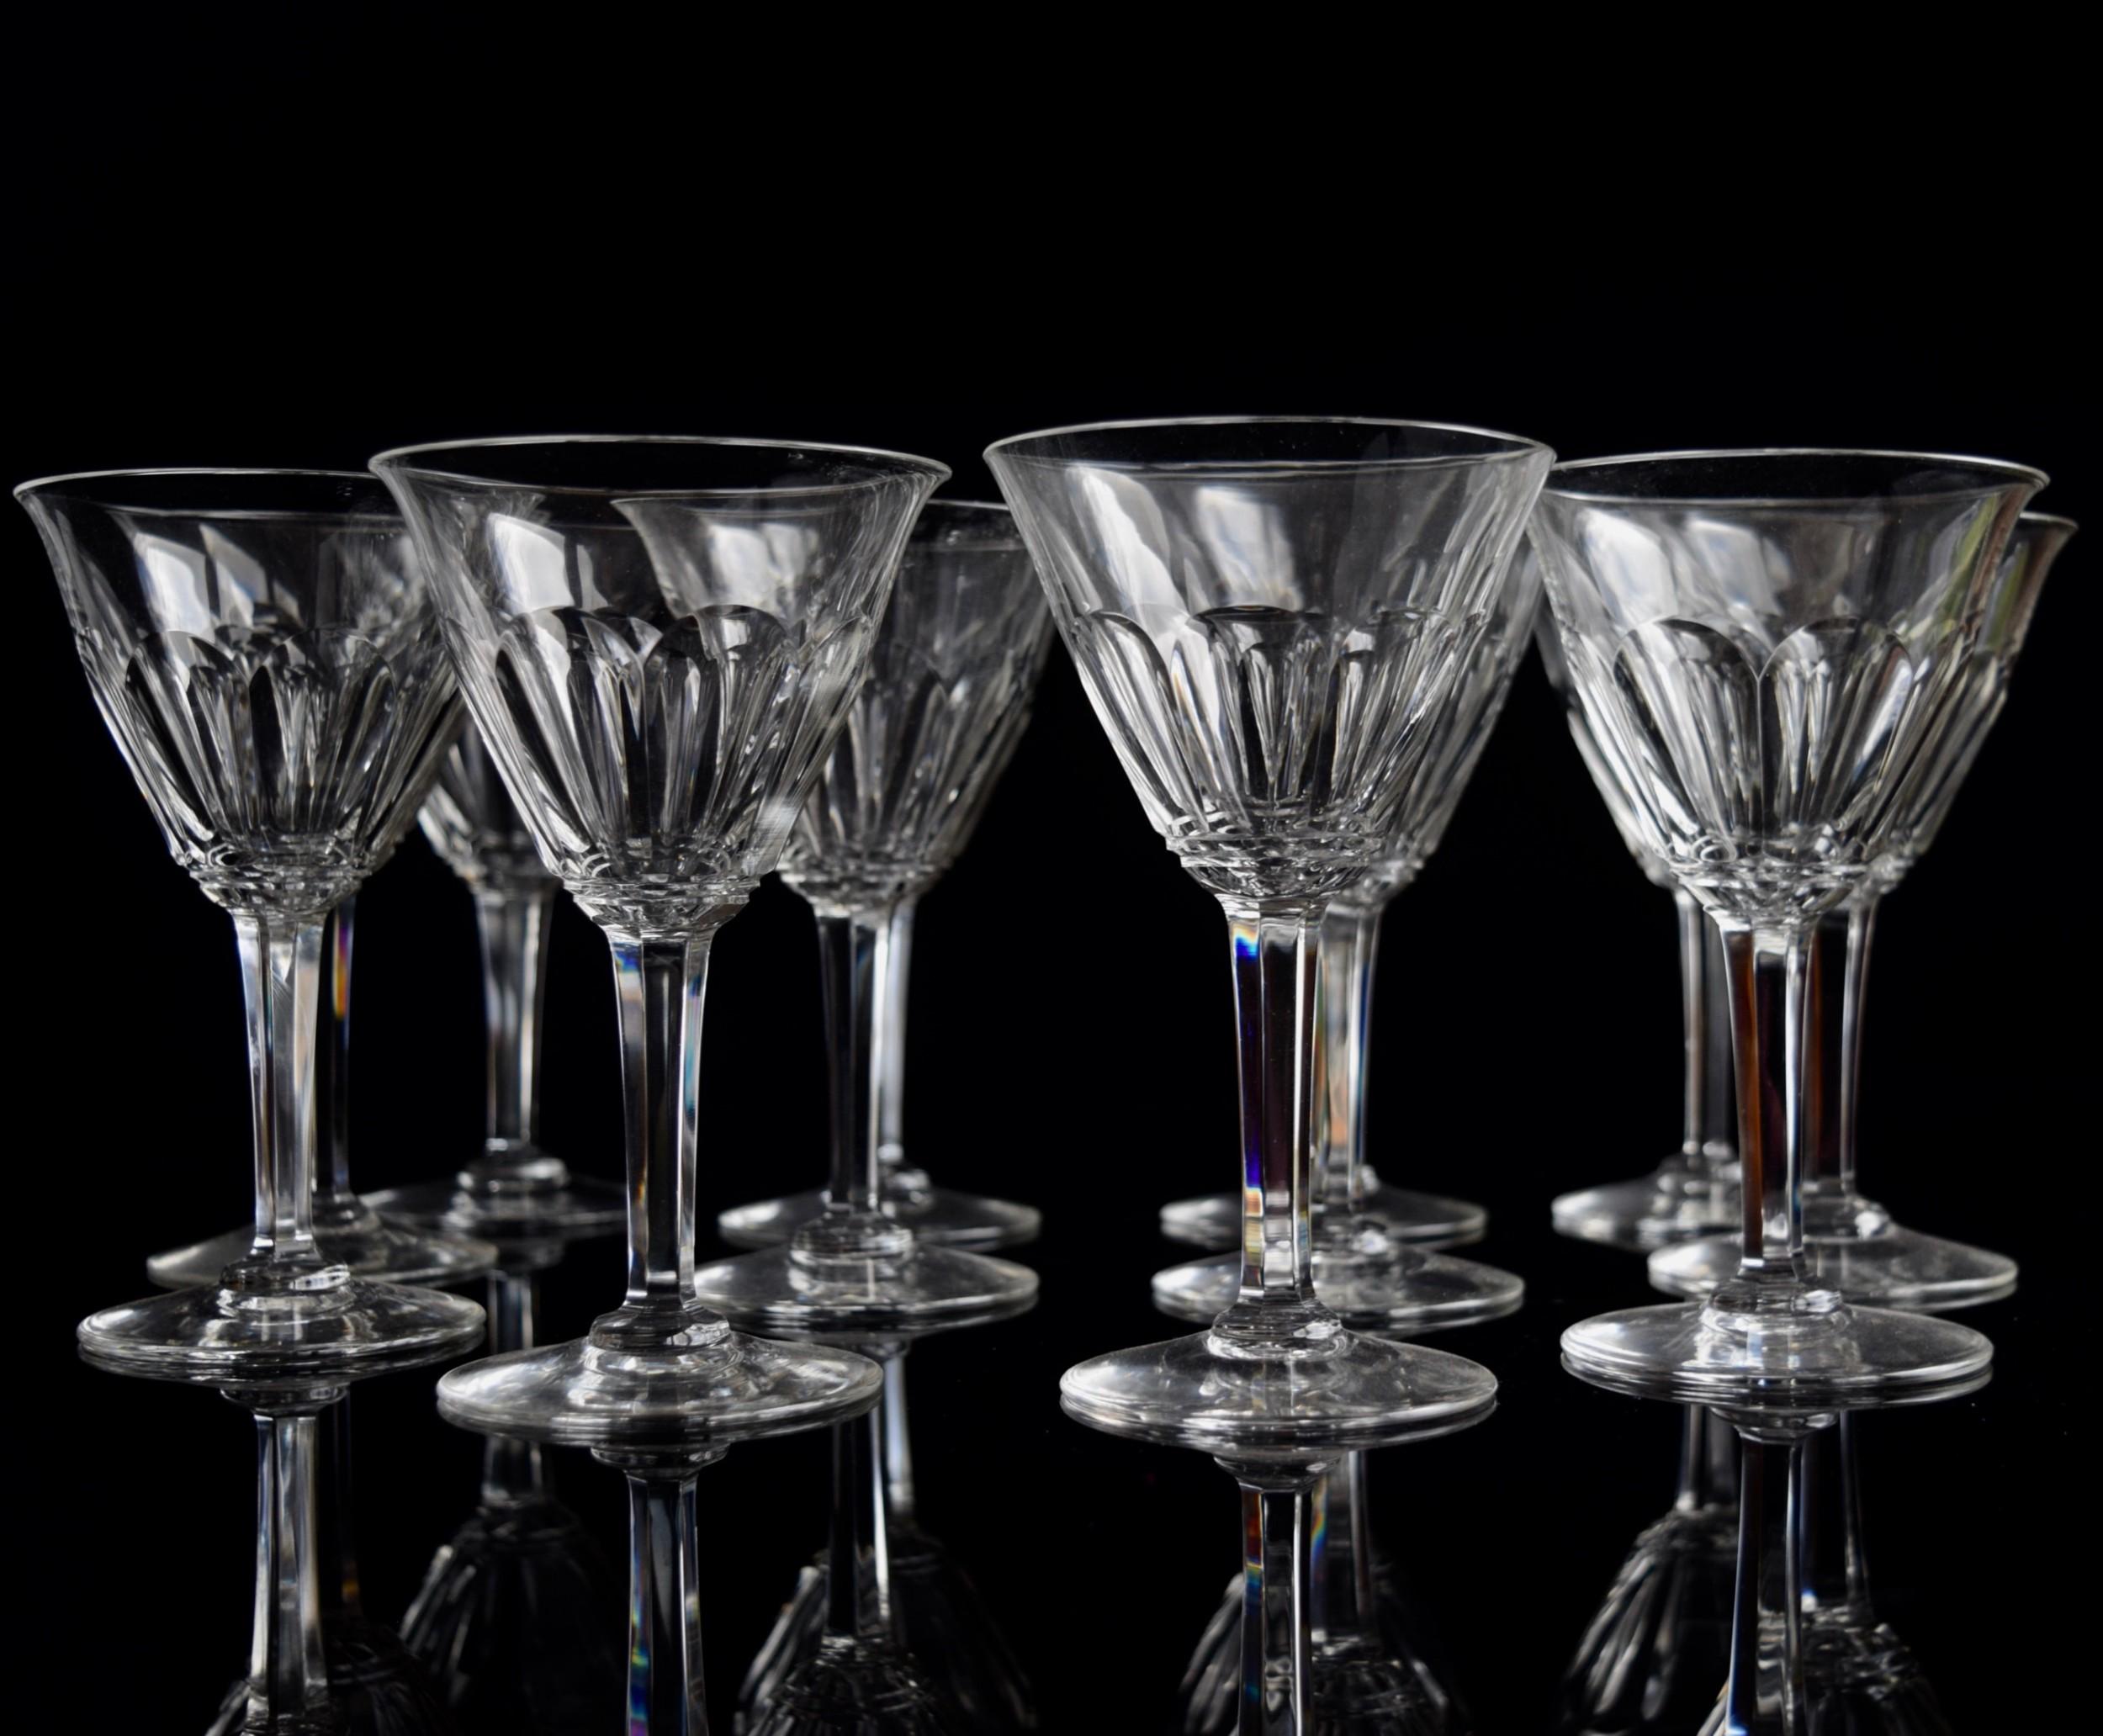 12 french white wine glasses c1930